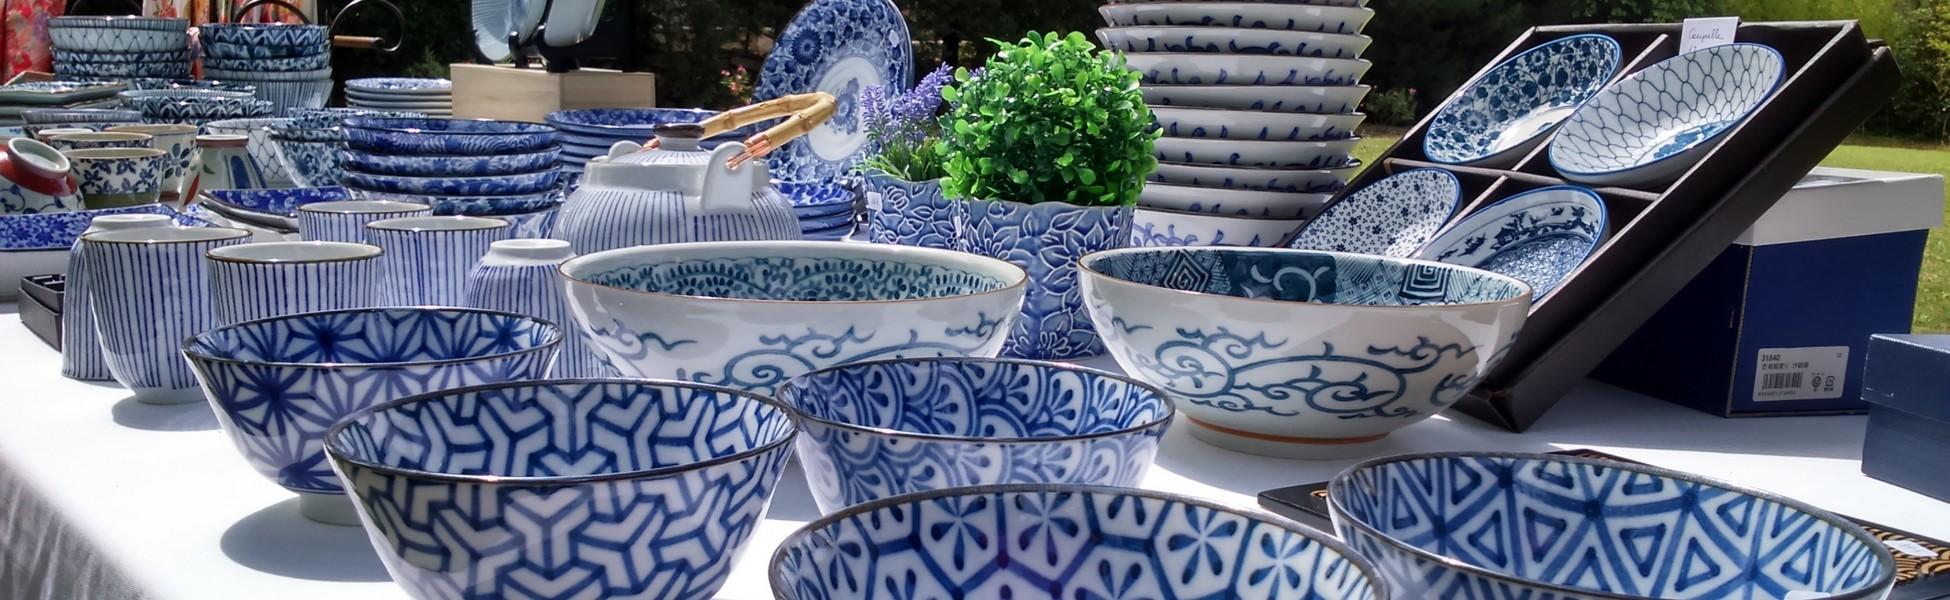 Boutique vaisselle asiatique